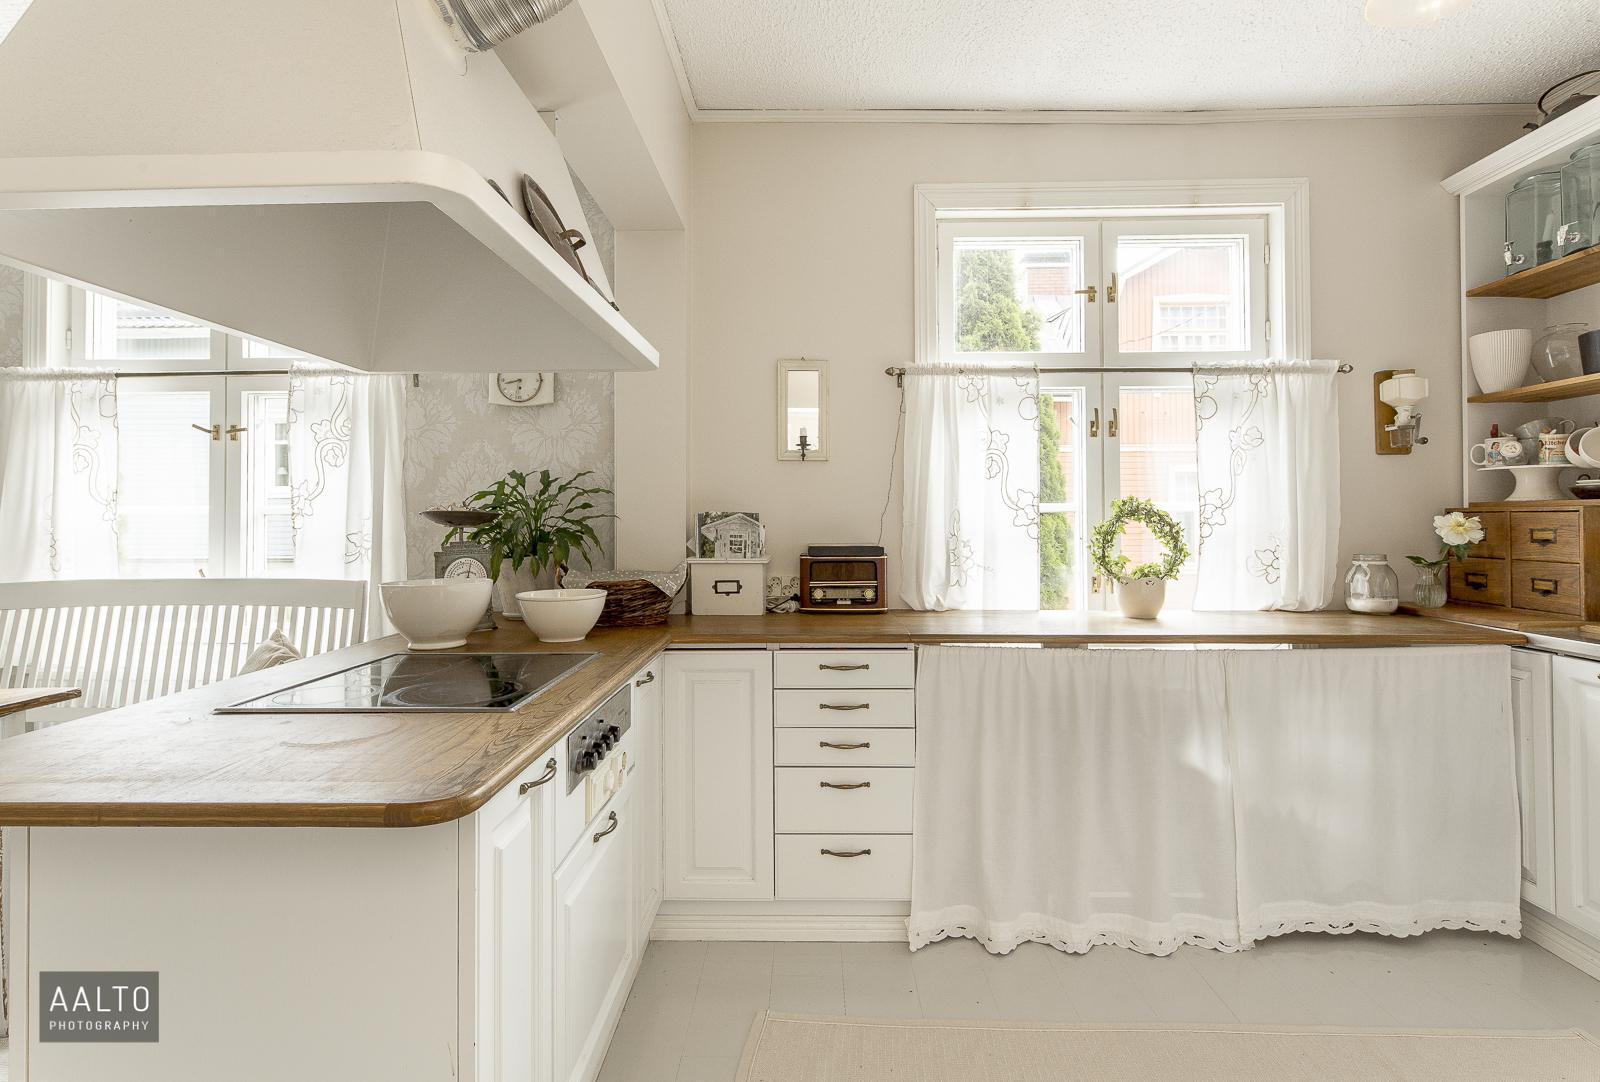 Puutalon kaunis keittiö  Etuovi com Ideat & vinkit